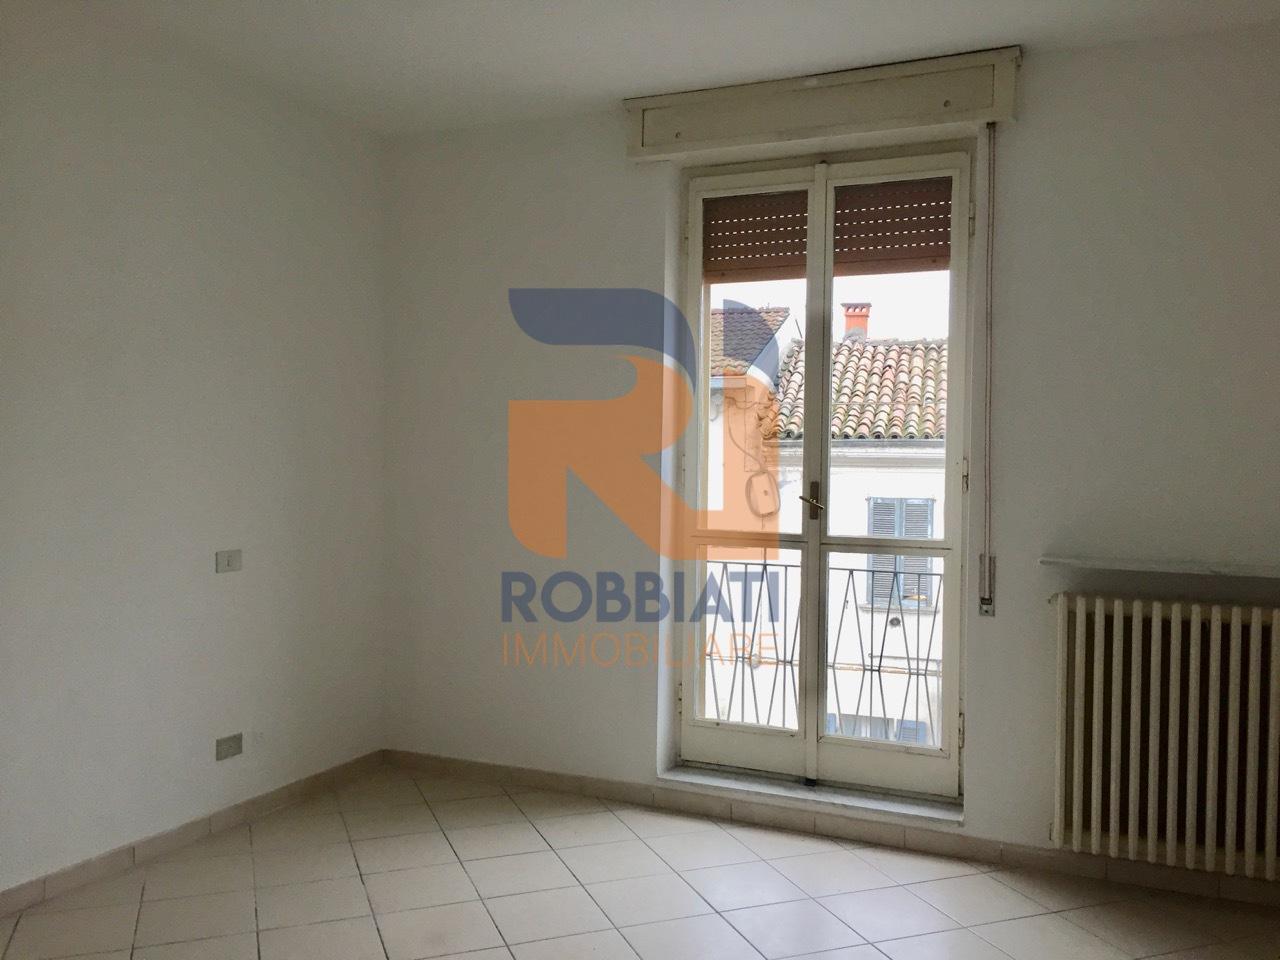 Appartamento in affitto a Zinasco, 3 locali, prezzo € 380 | PortaleAgenzieImmobiliari.it